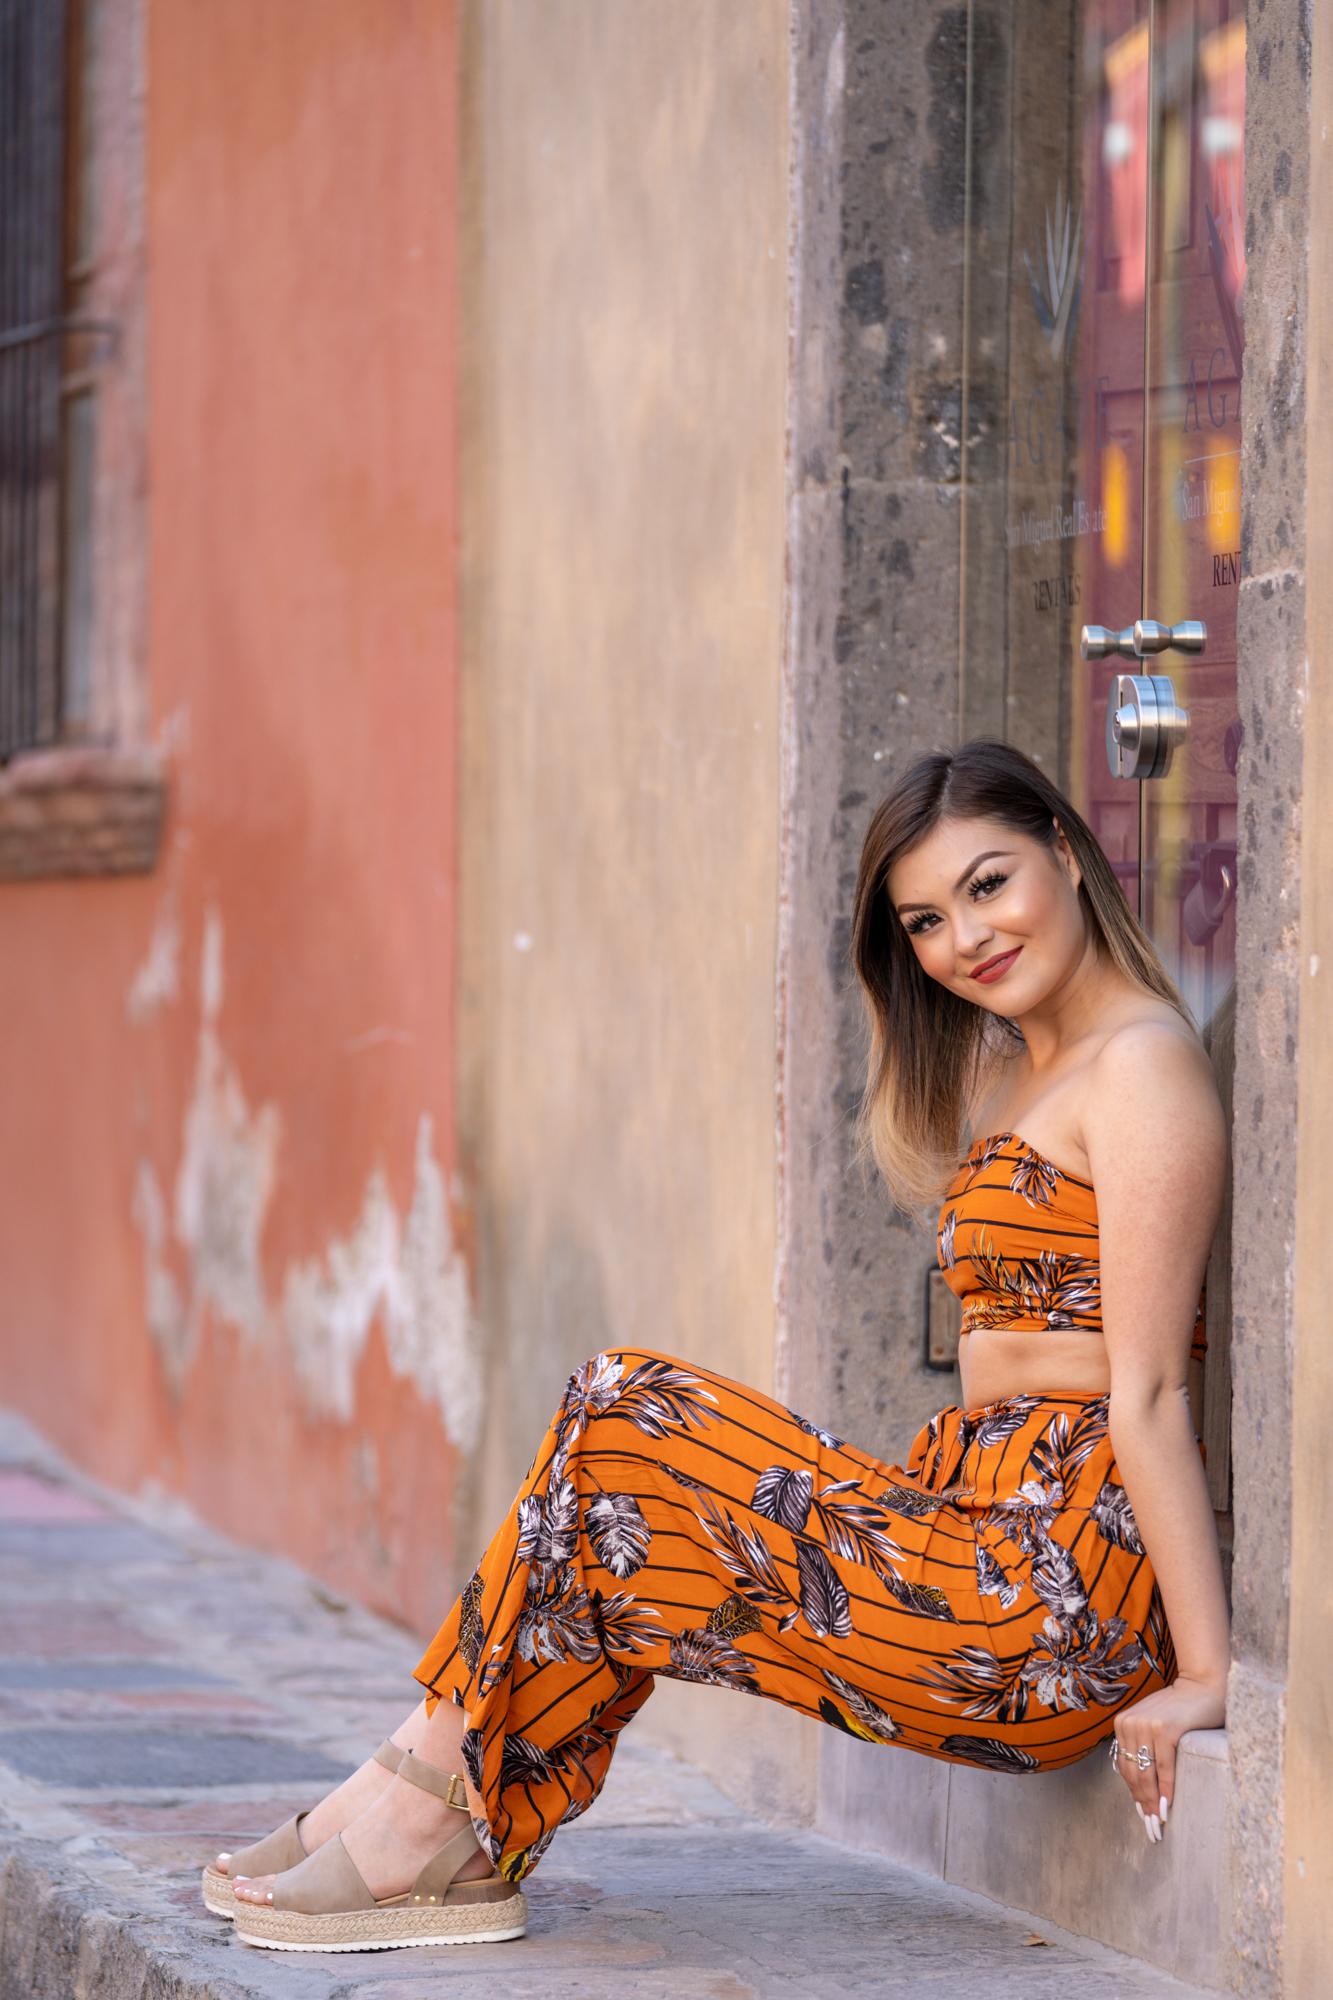 Sesion de Fotos en San Miguel de Allende con Rogelio y su Fmailia-11.jpg